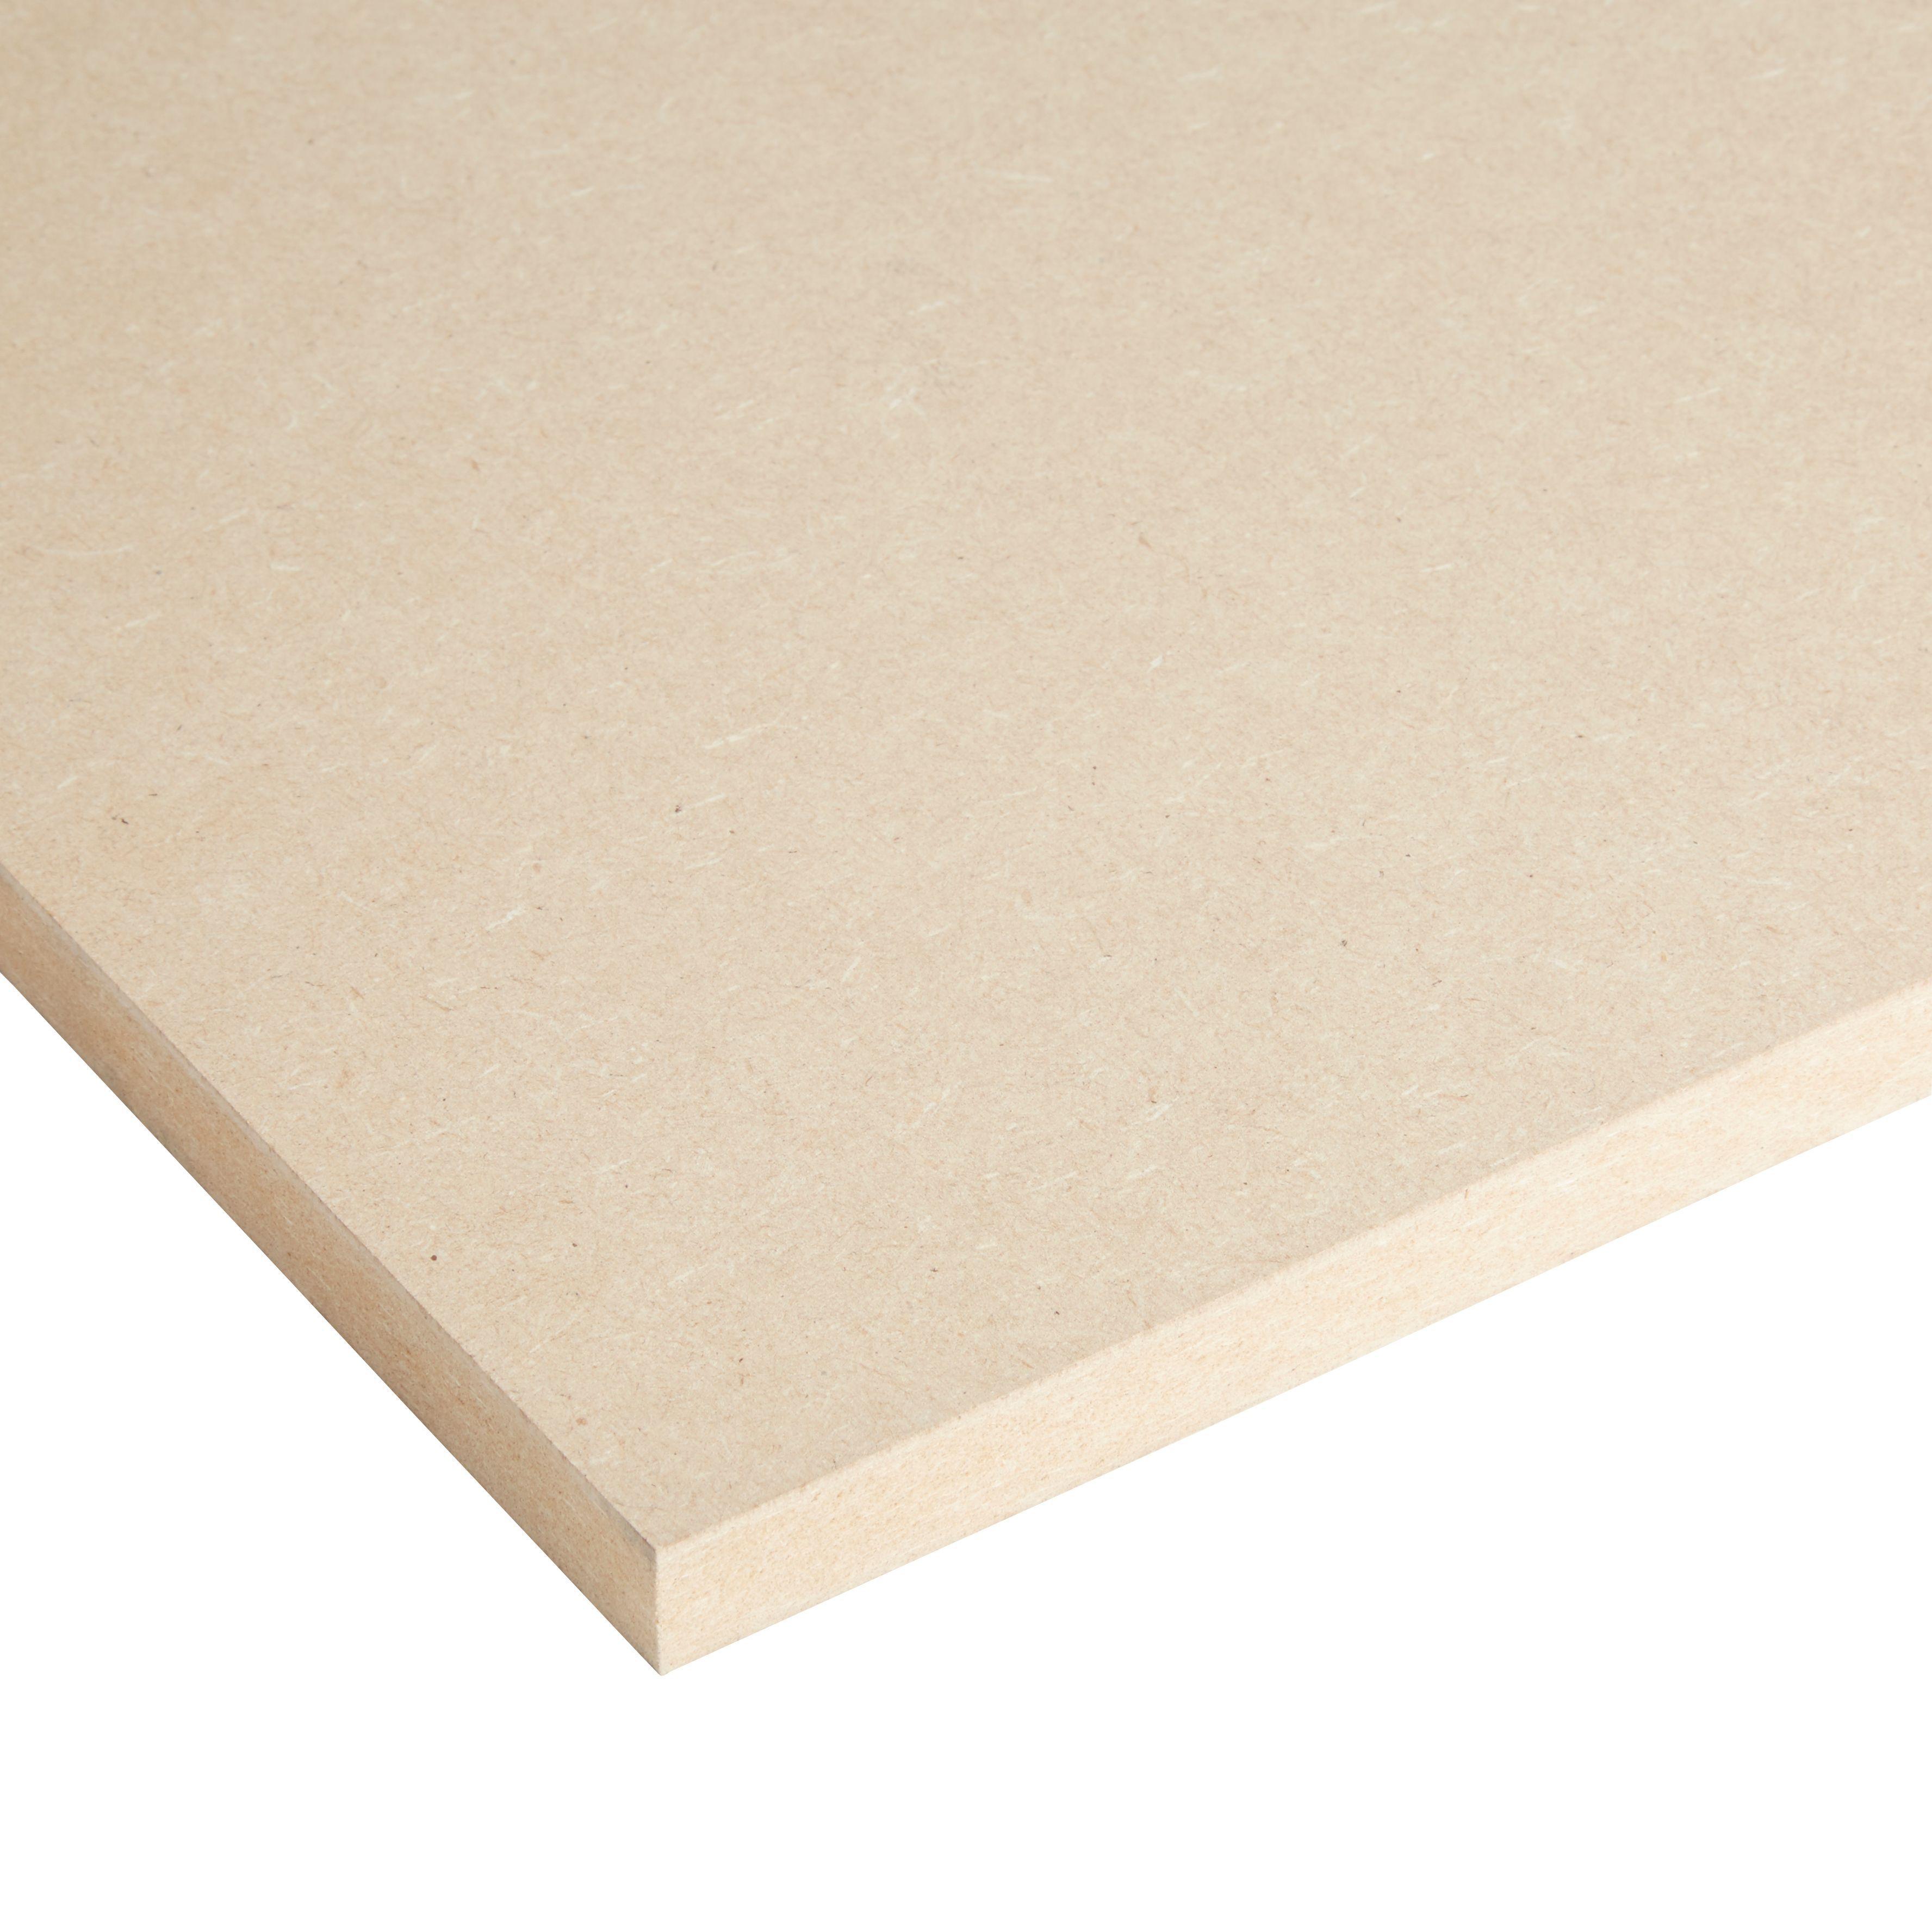 Mdf Board Th 18mm W 610mm L 1830mm Departments Diy